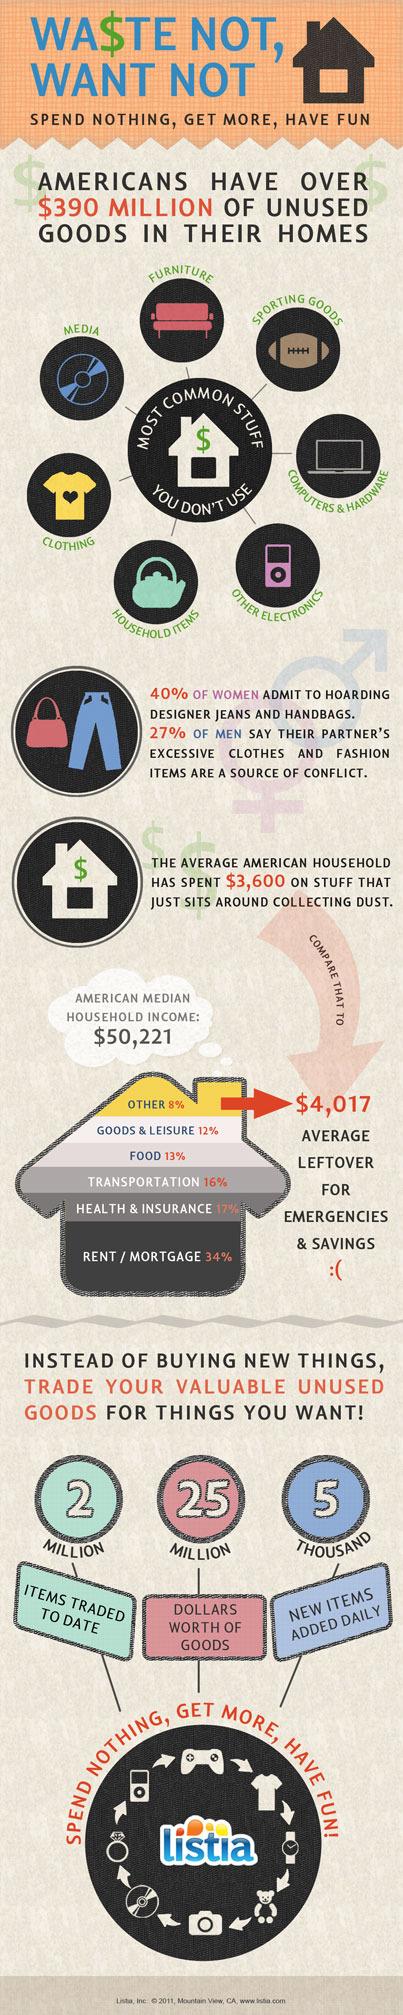 Unused_goods_infographic